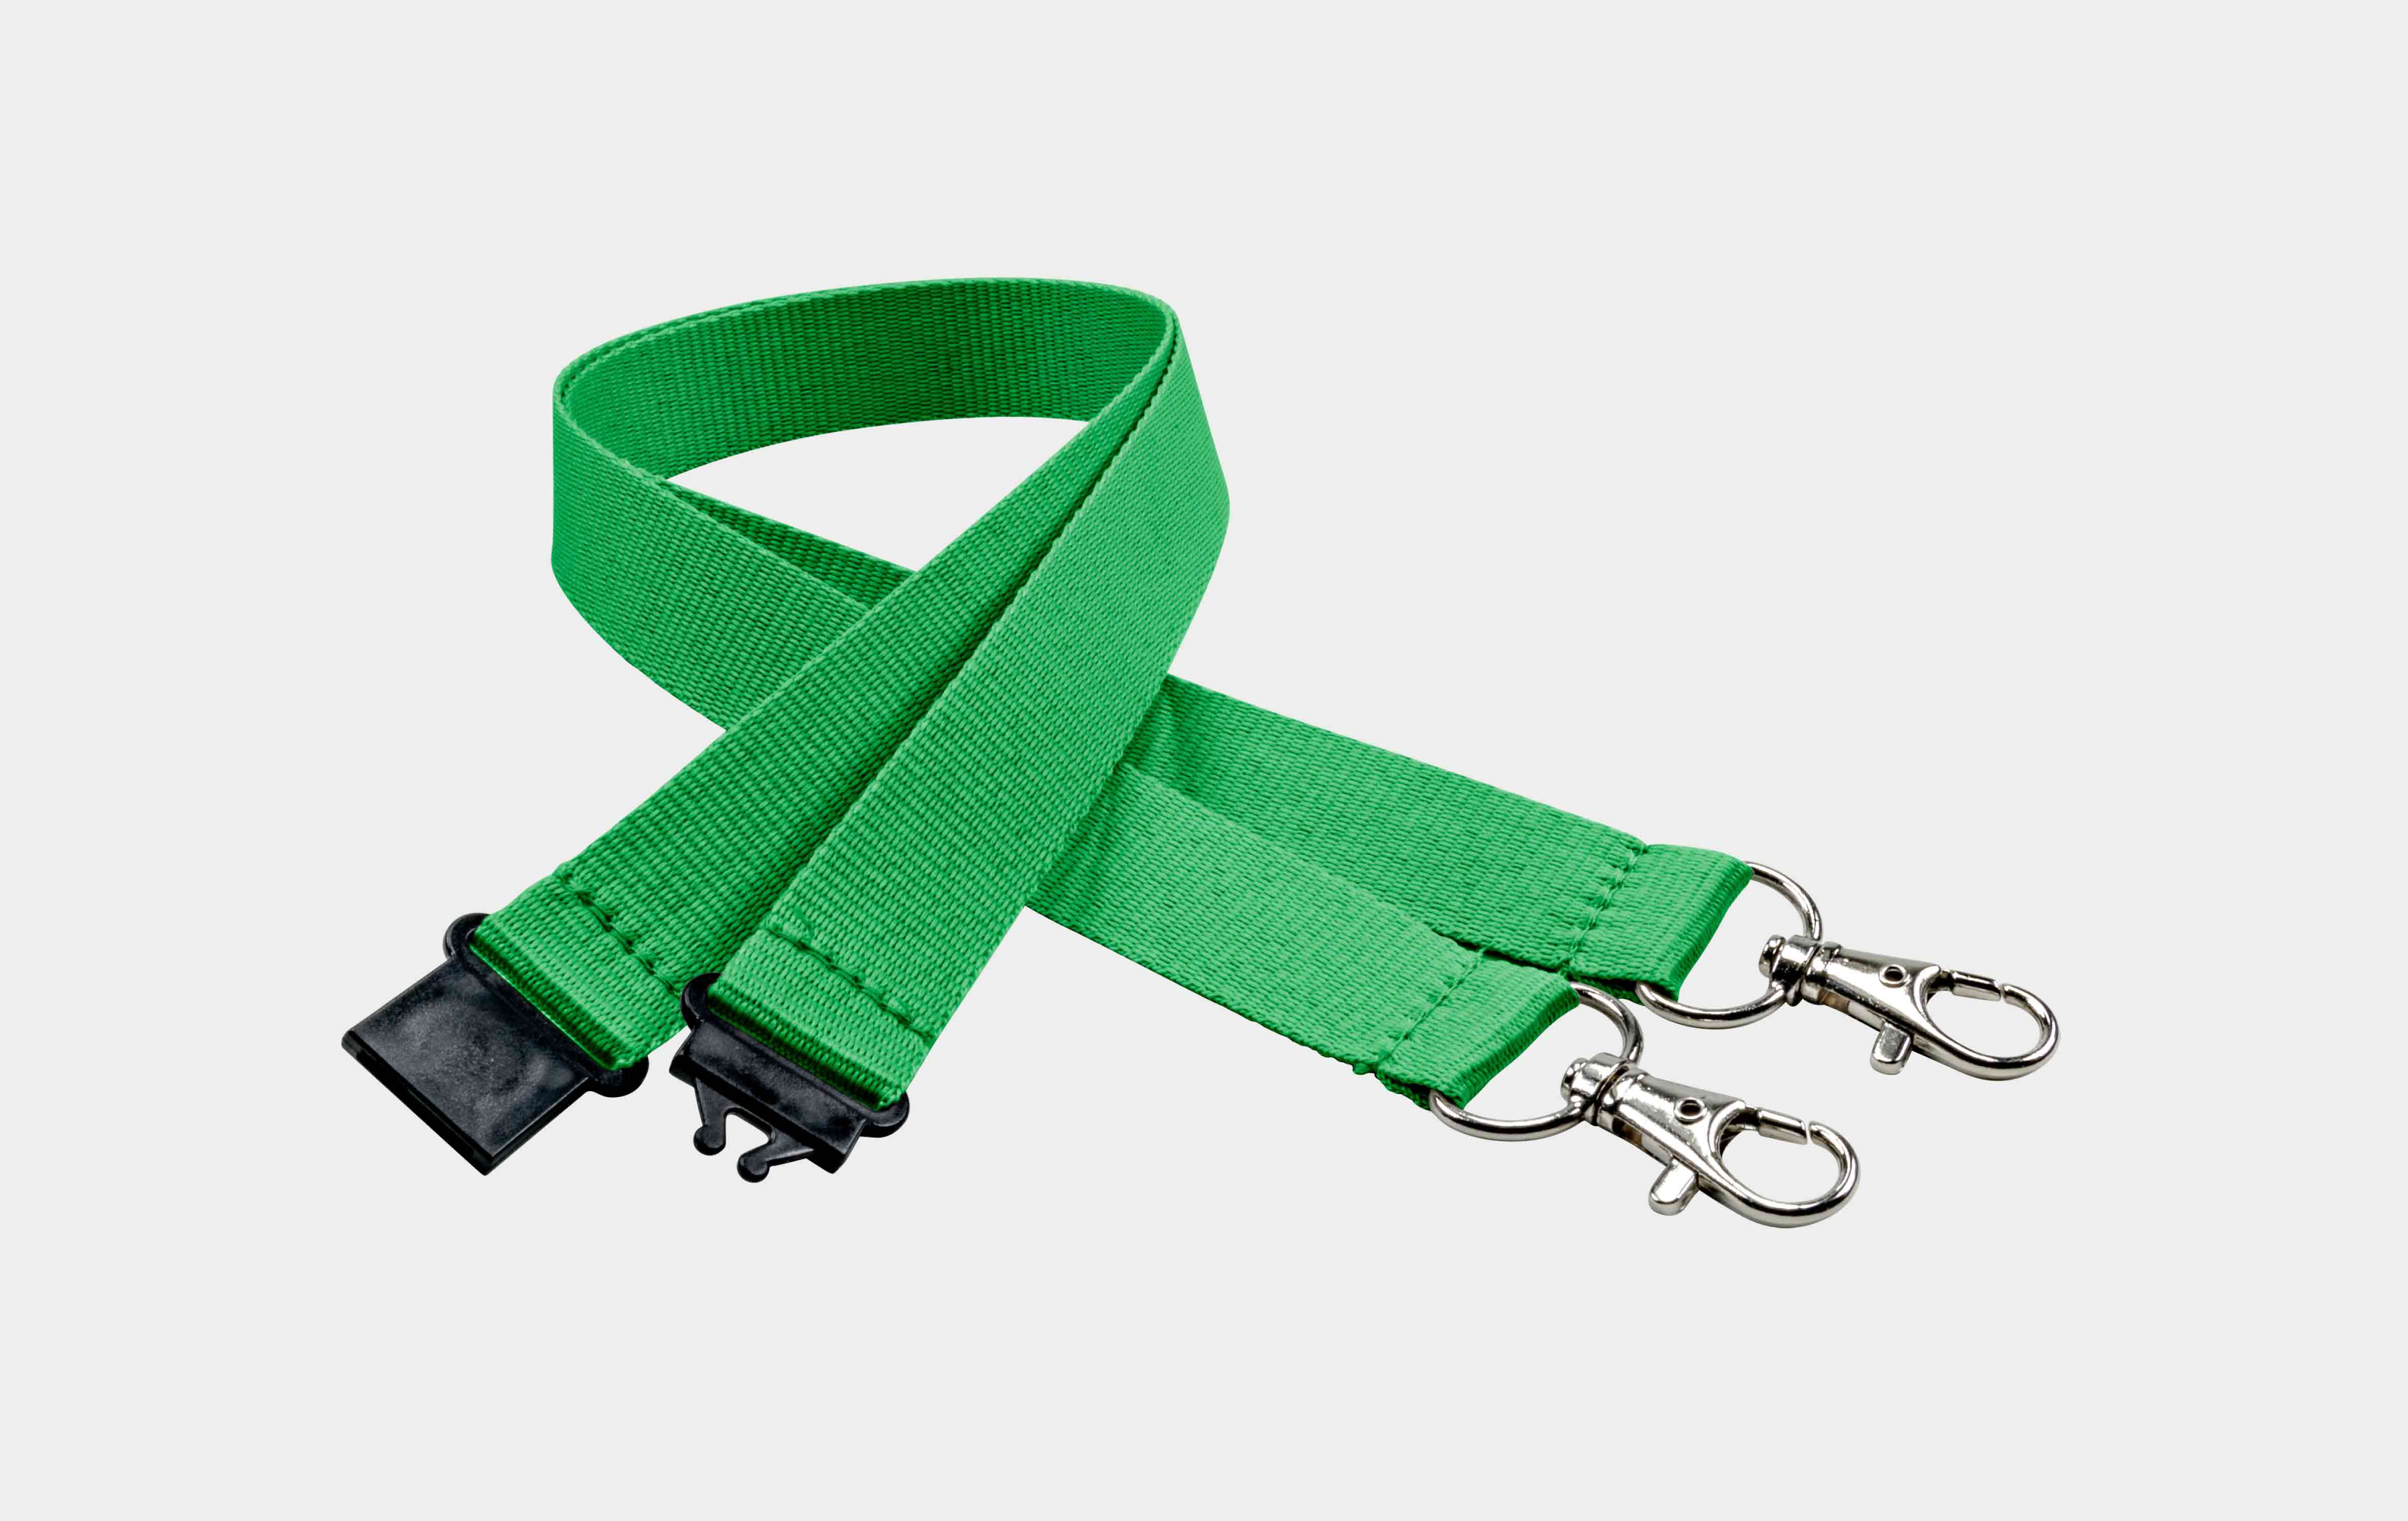 10 Stück Schlüsselbänder 20 mm, 2x easy going Haken, Sicherheitsverschluss, Grün